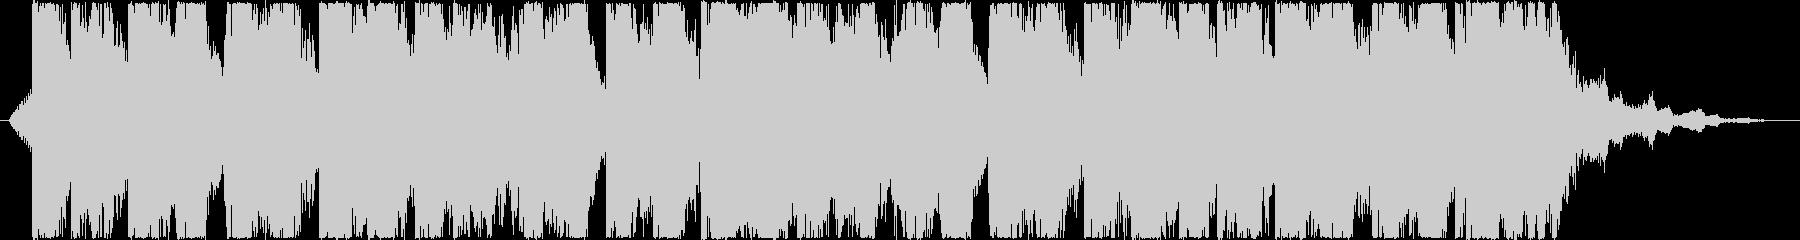 ファンキーポップ勢いあるわくわくジングルの未再生の波形